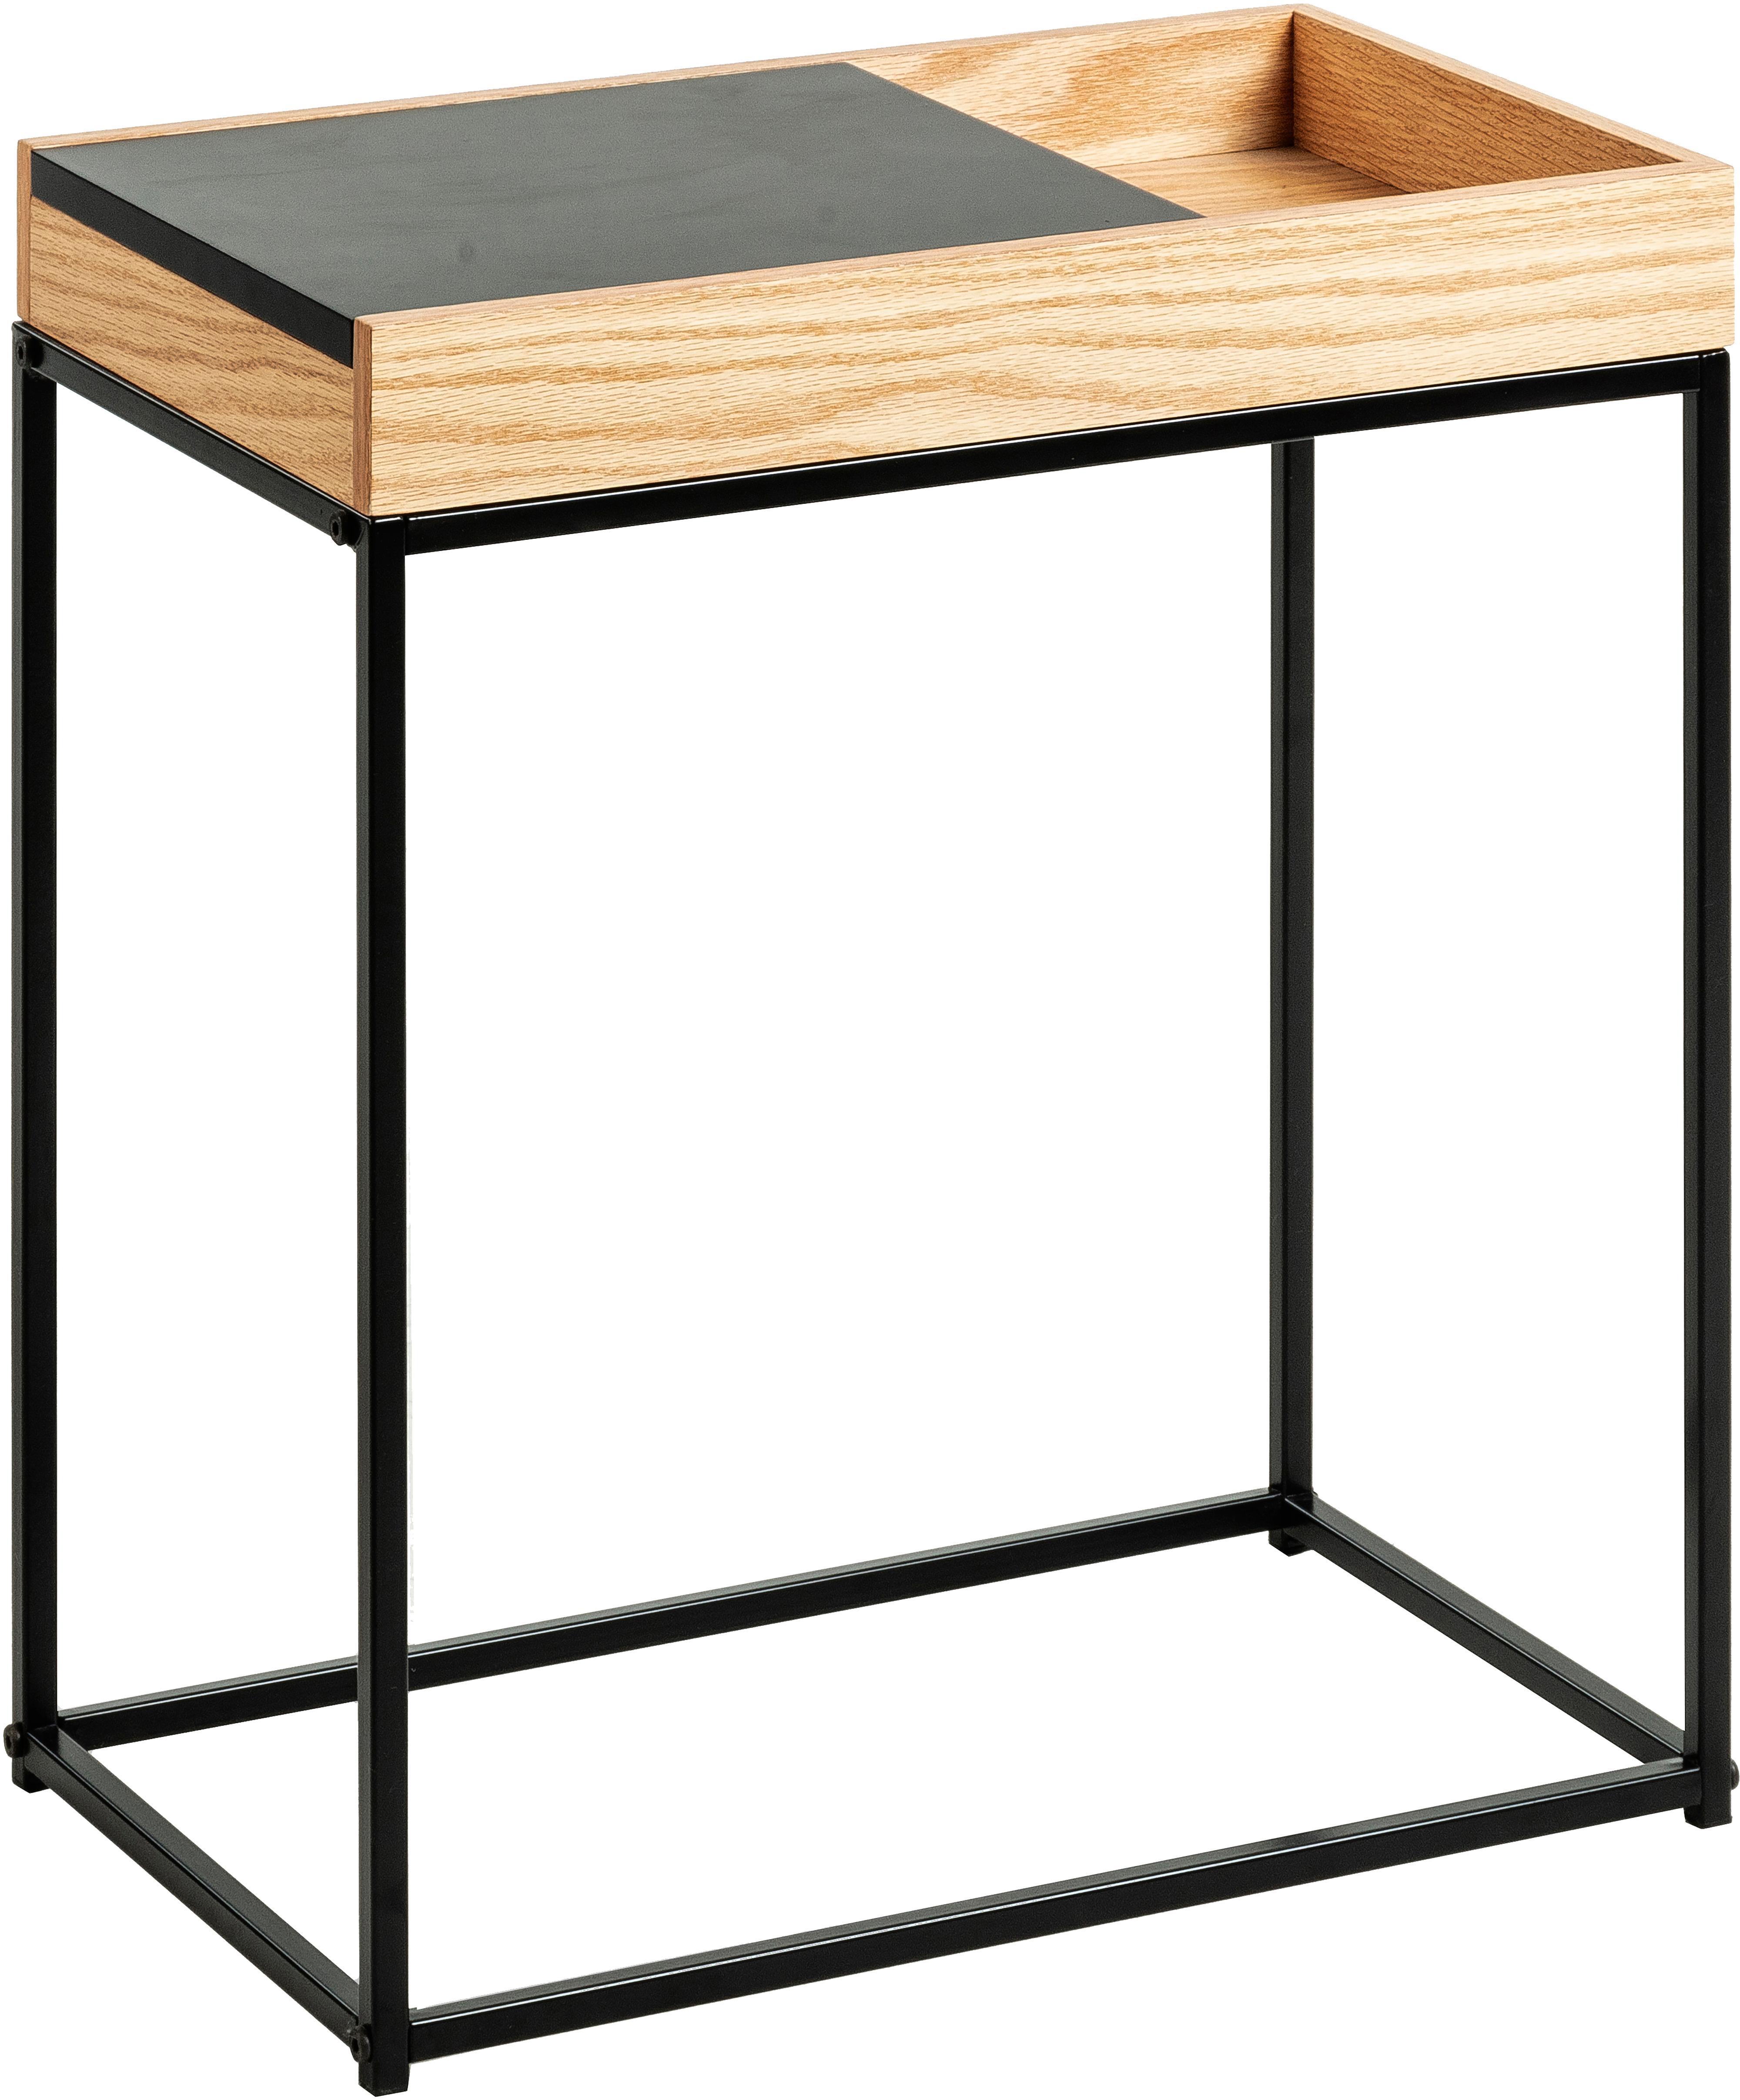 Beistelltisch Detail mit Schiebedeckel, Ablagefläche: Mitteldichte Holzfaserpla, Beine: Metall, lackiert, Eichenholz, Schwarz, B 50 x T 30 cm